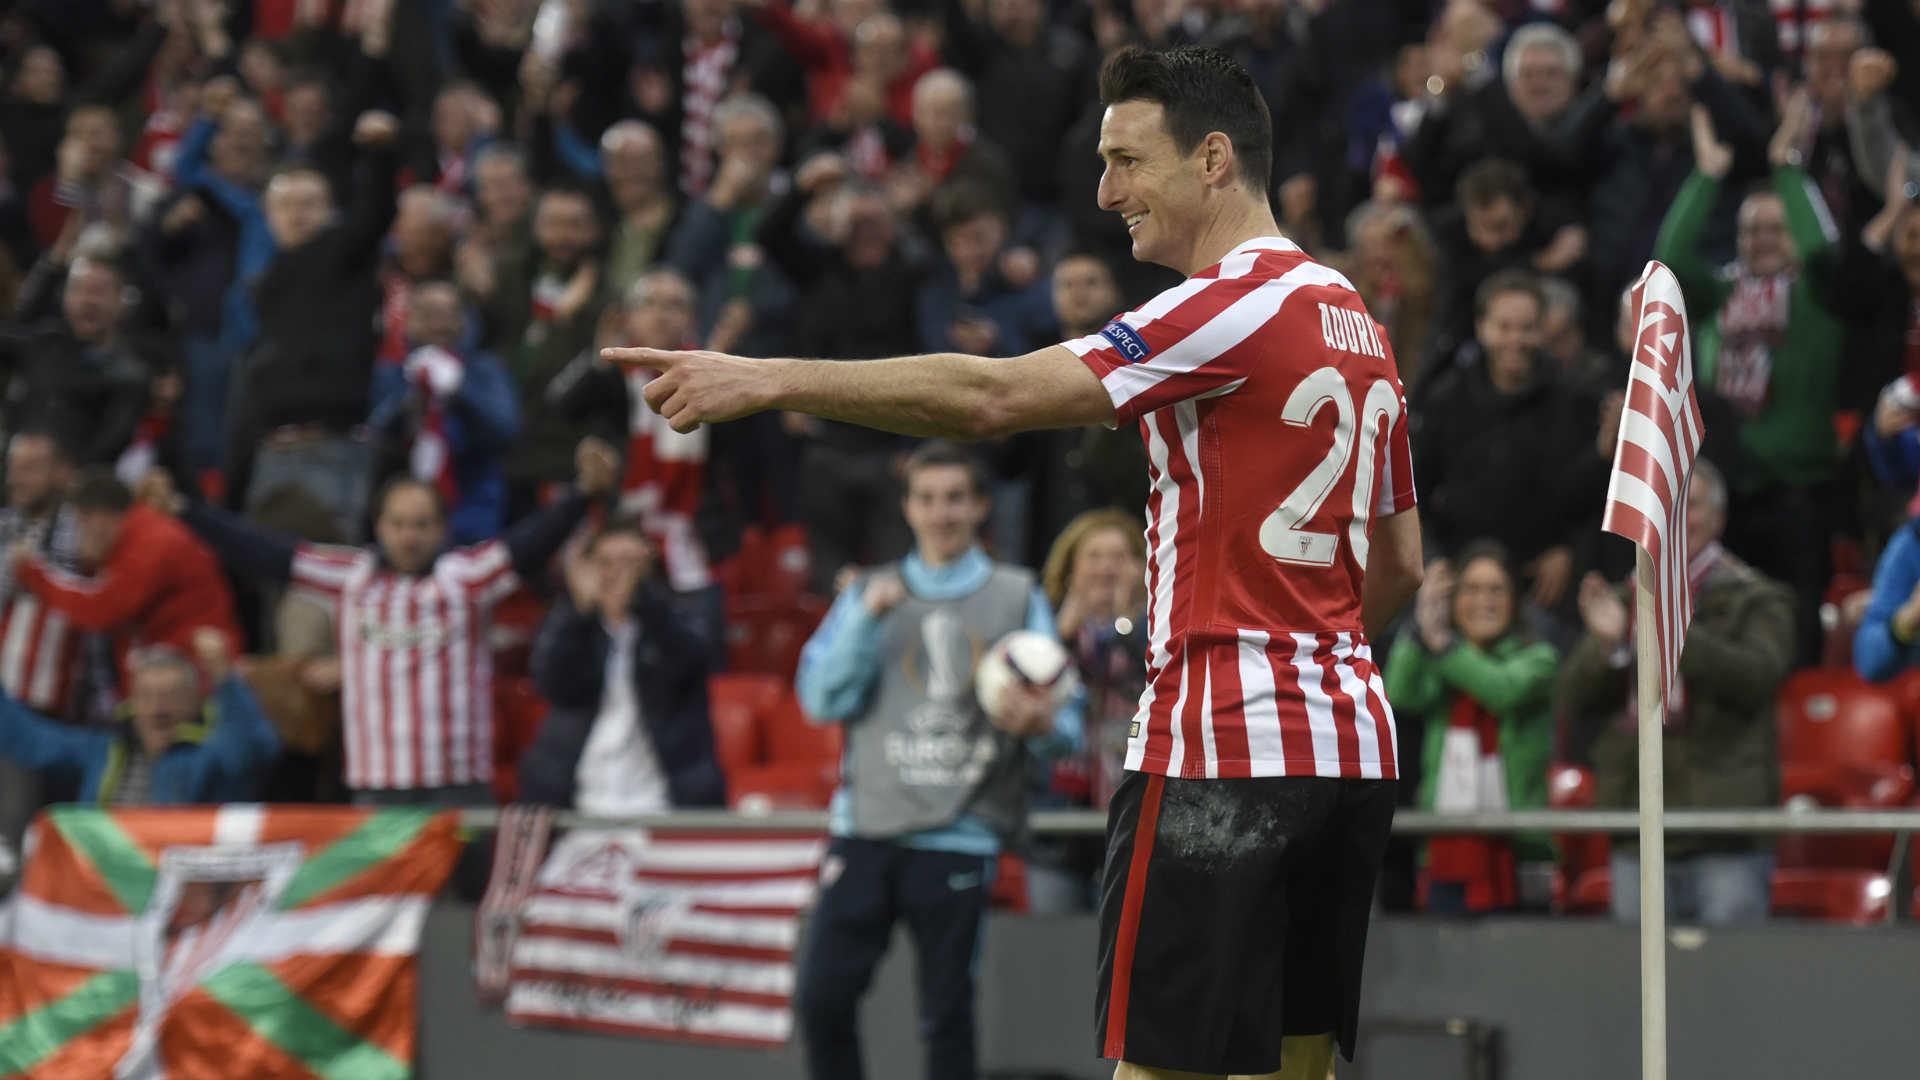 Barcelona saca apretado triunfo frente al Bilbao